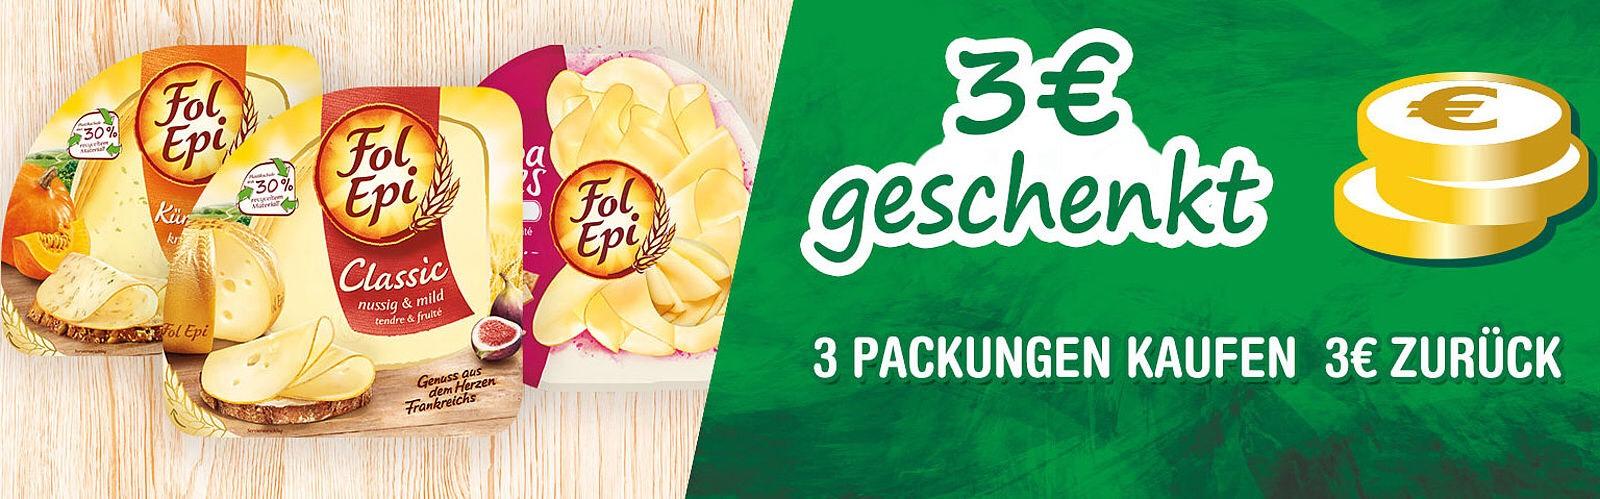 [ich liebe Käse.de] 3,00 € Cashback oder Spende beim Kauf von 3 Aktionspackungen Fol Epi